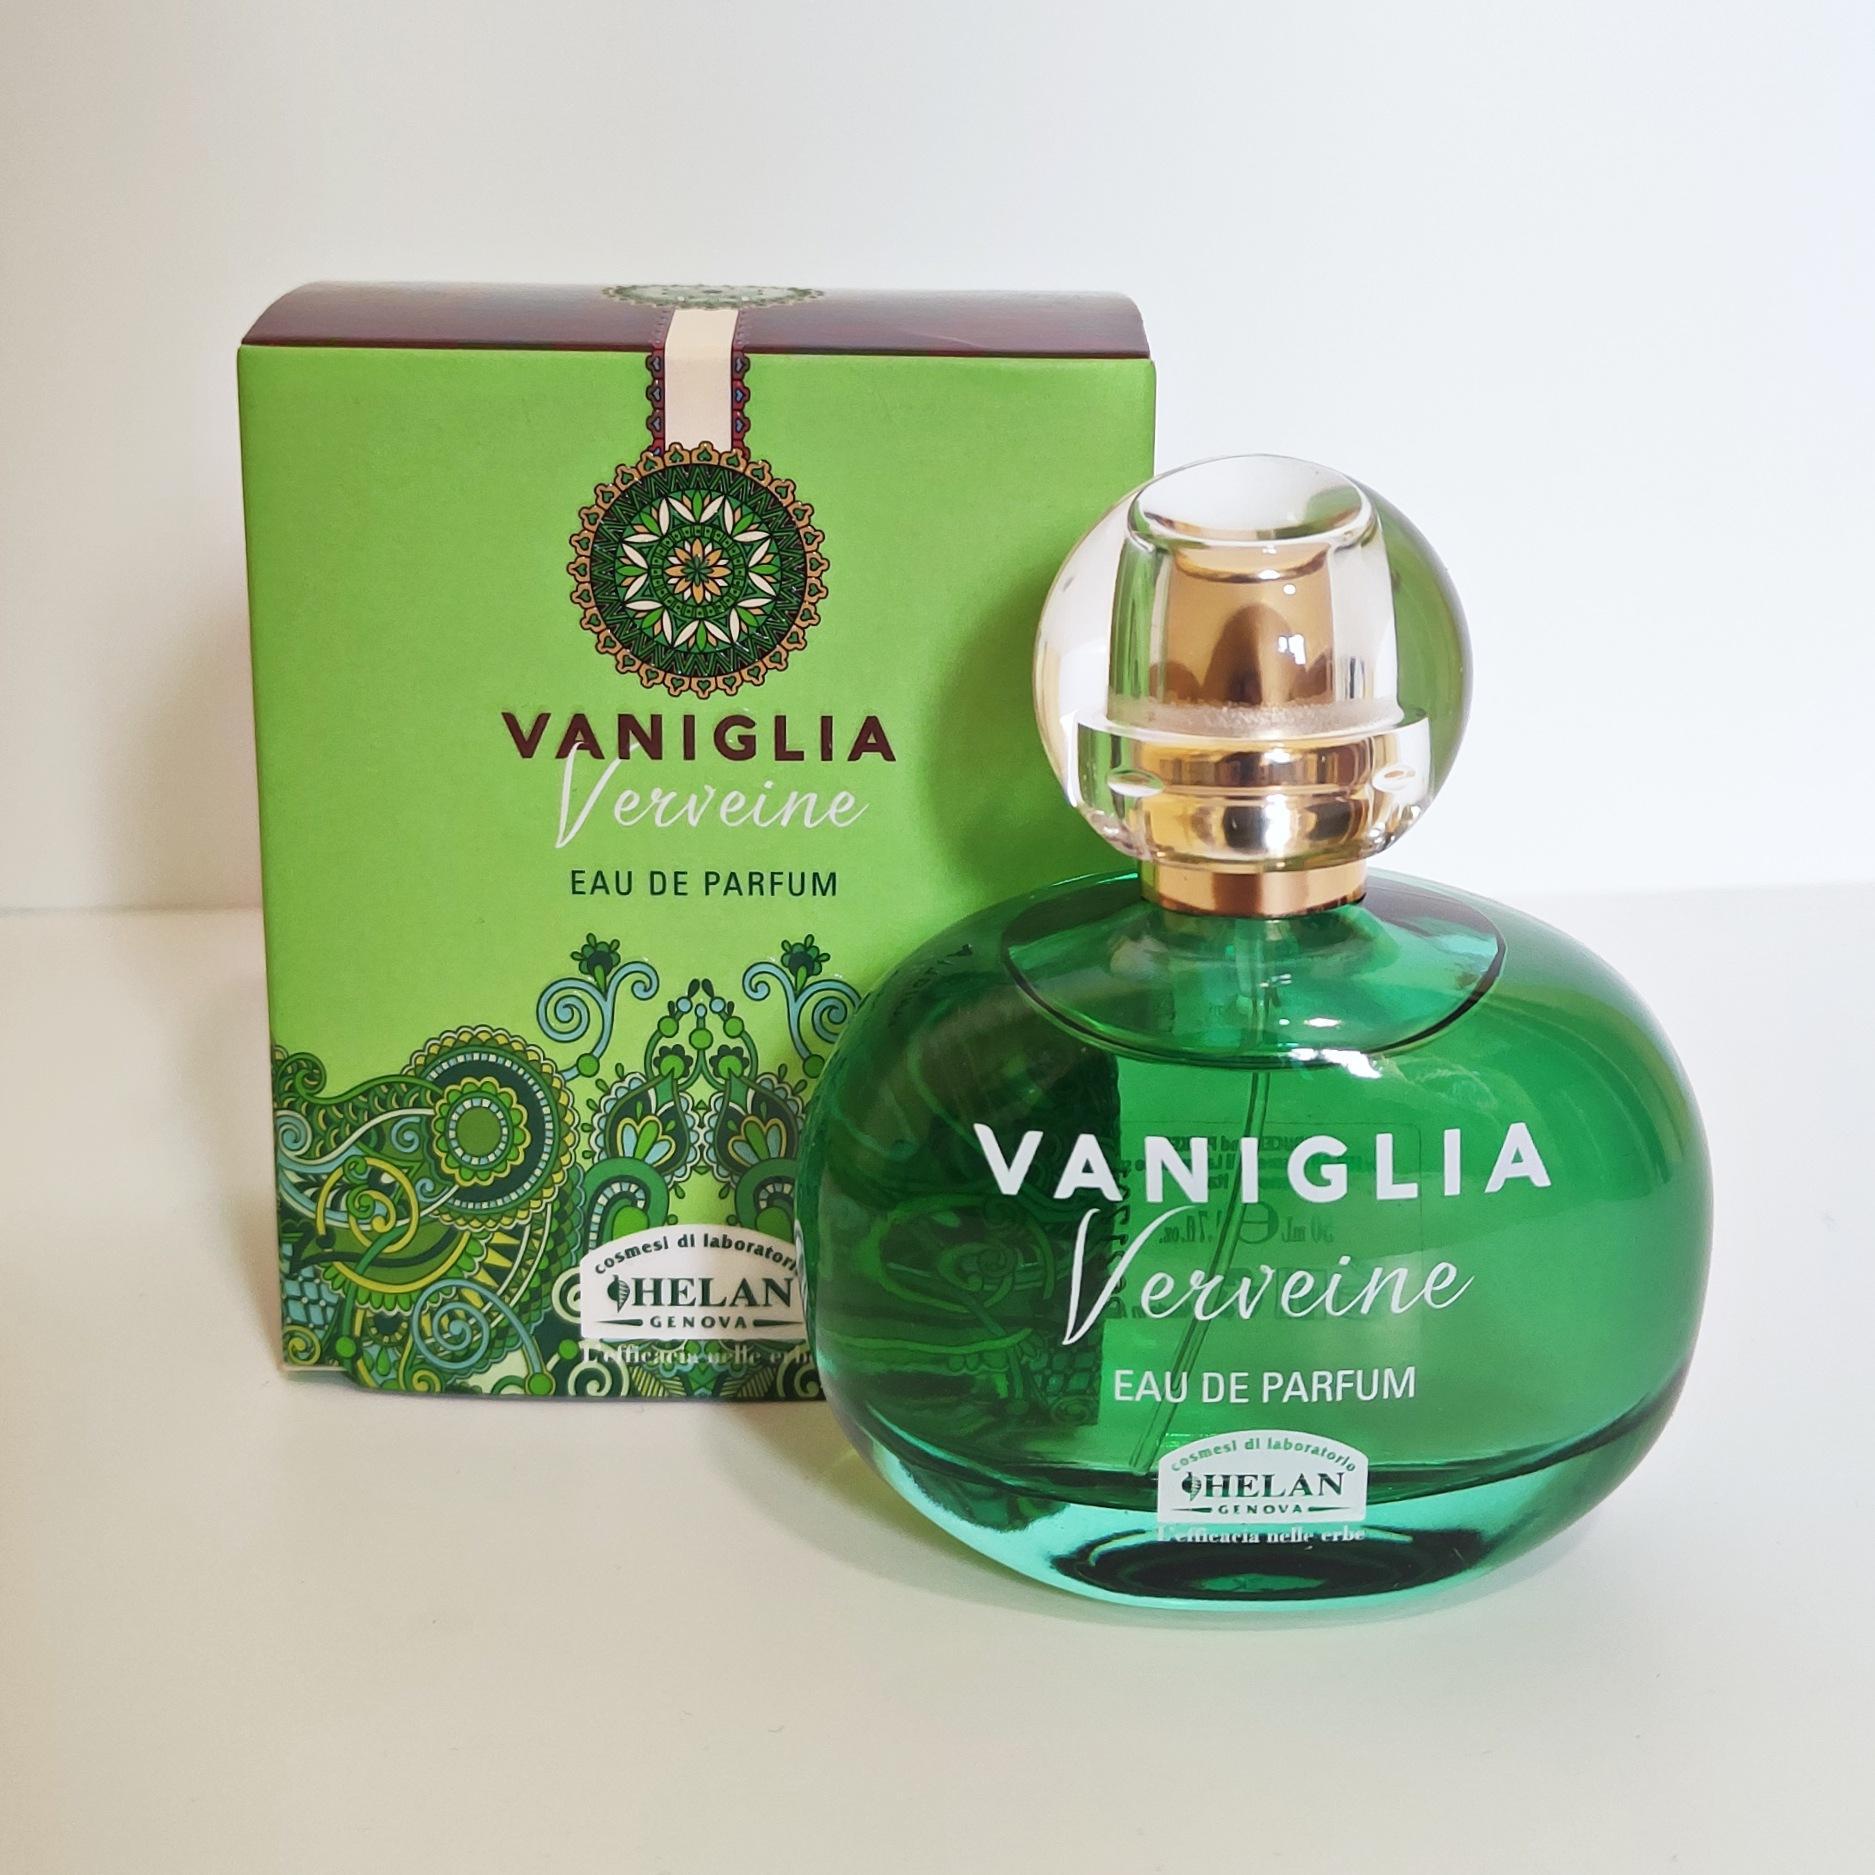 Vaniglia Vervein